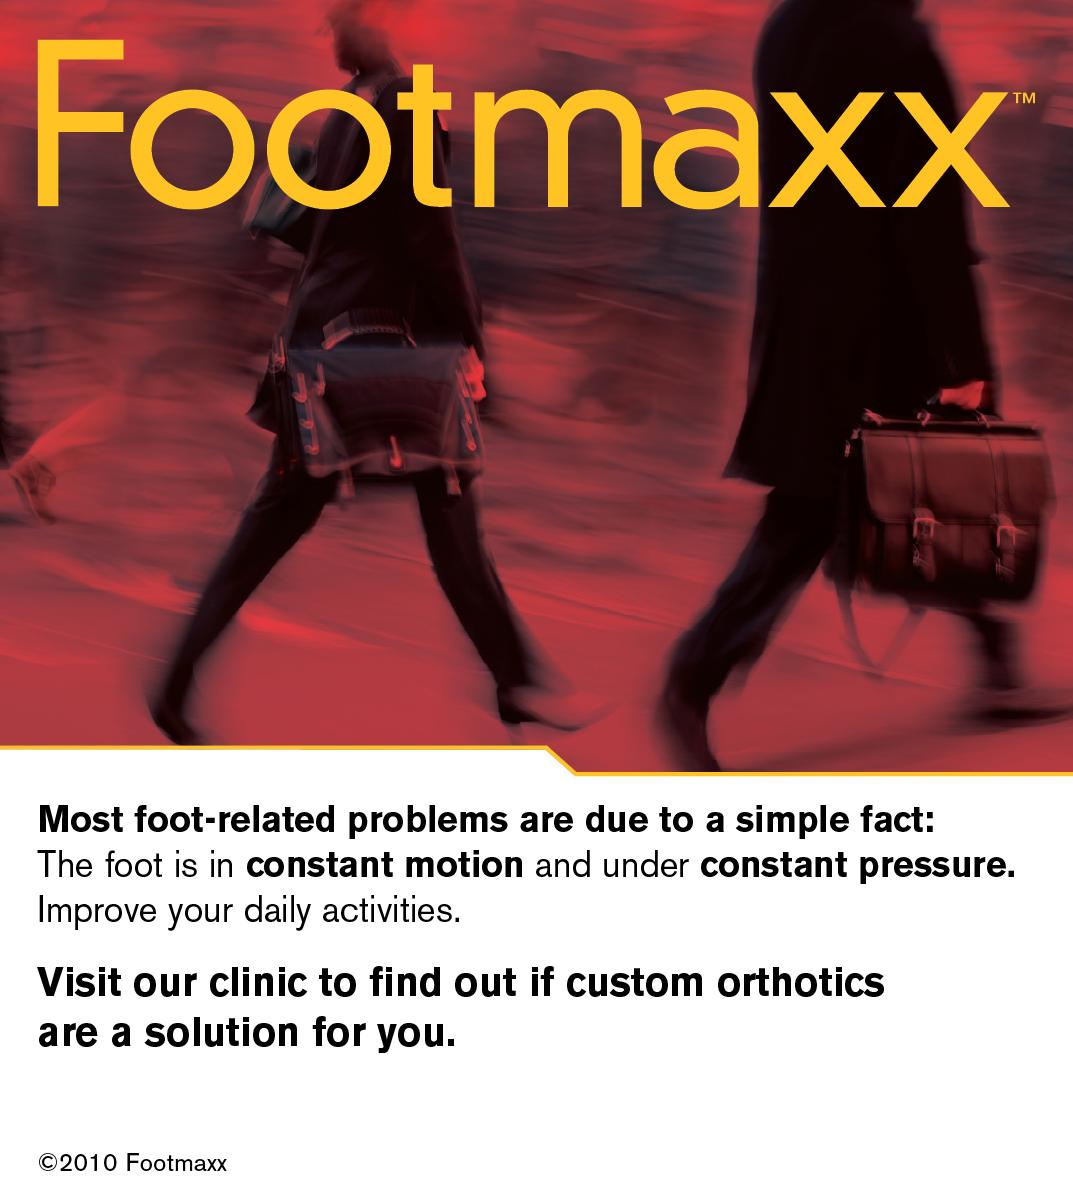 footmaxx4